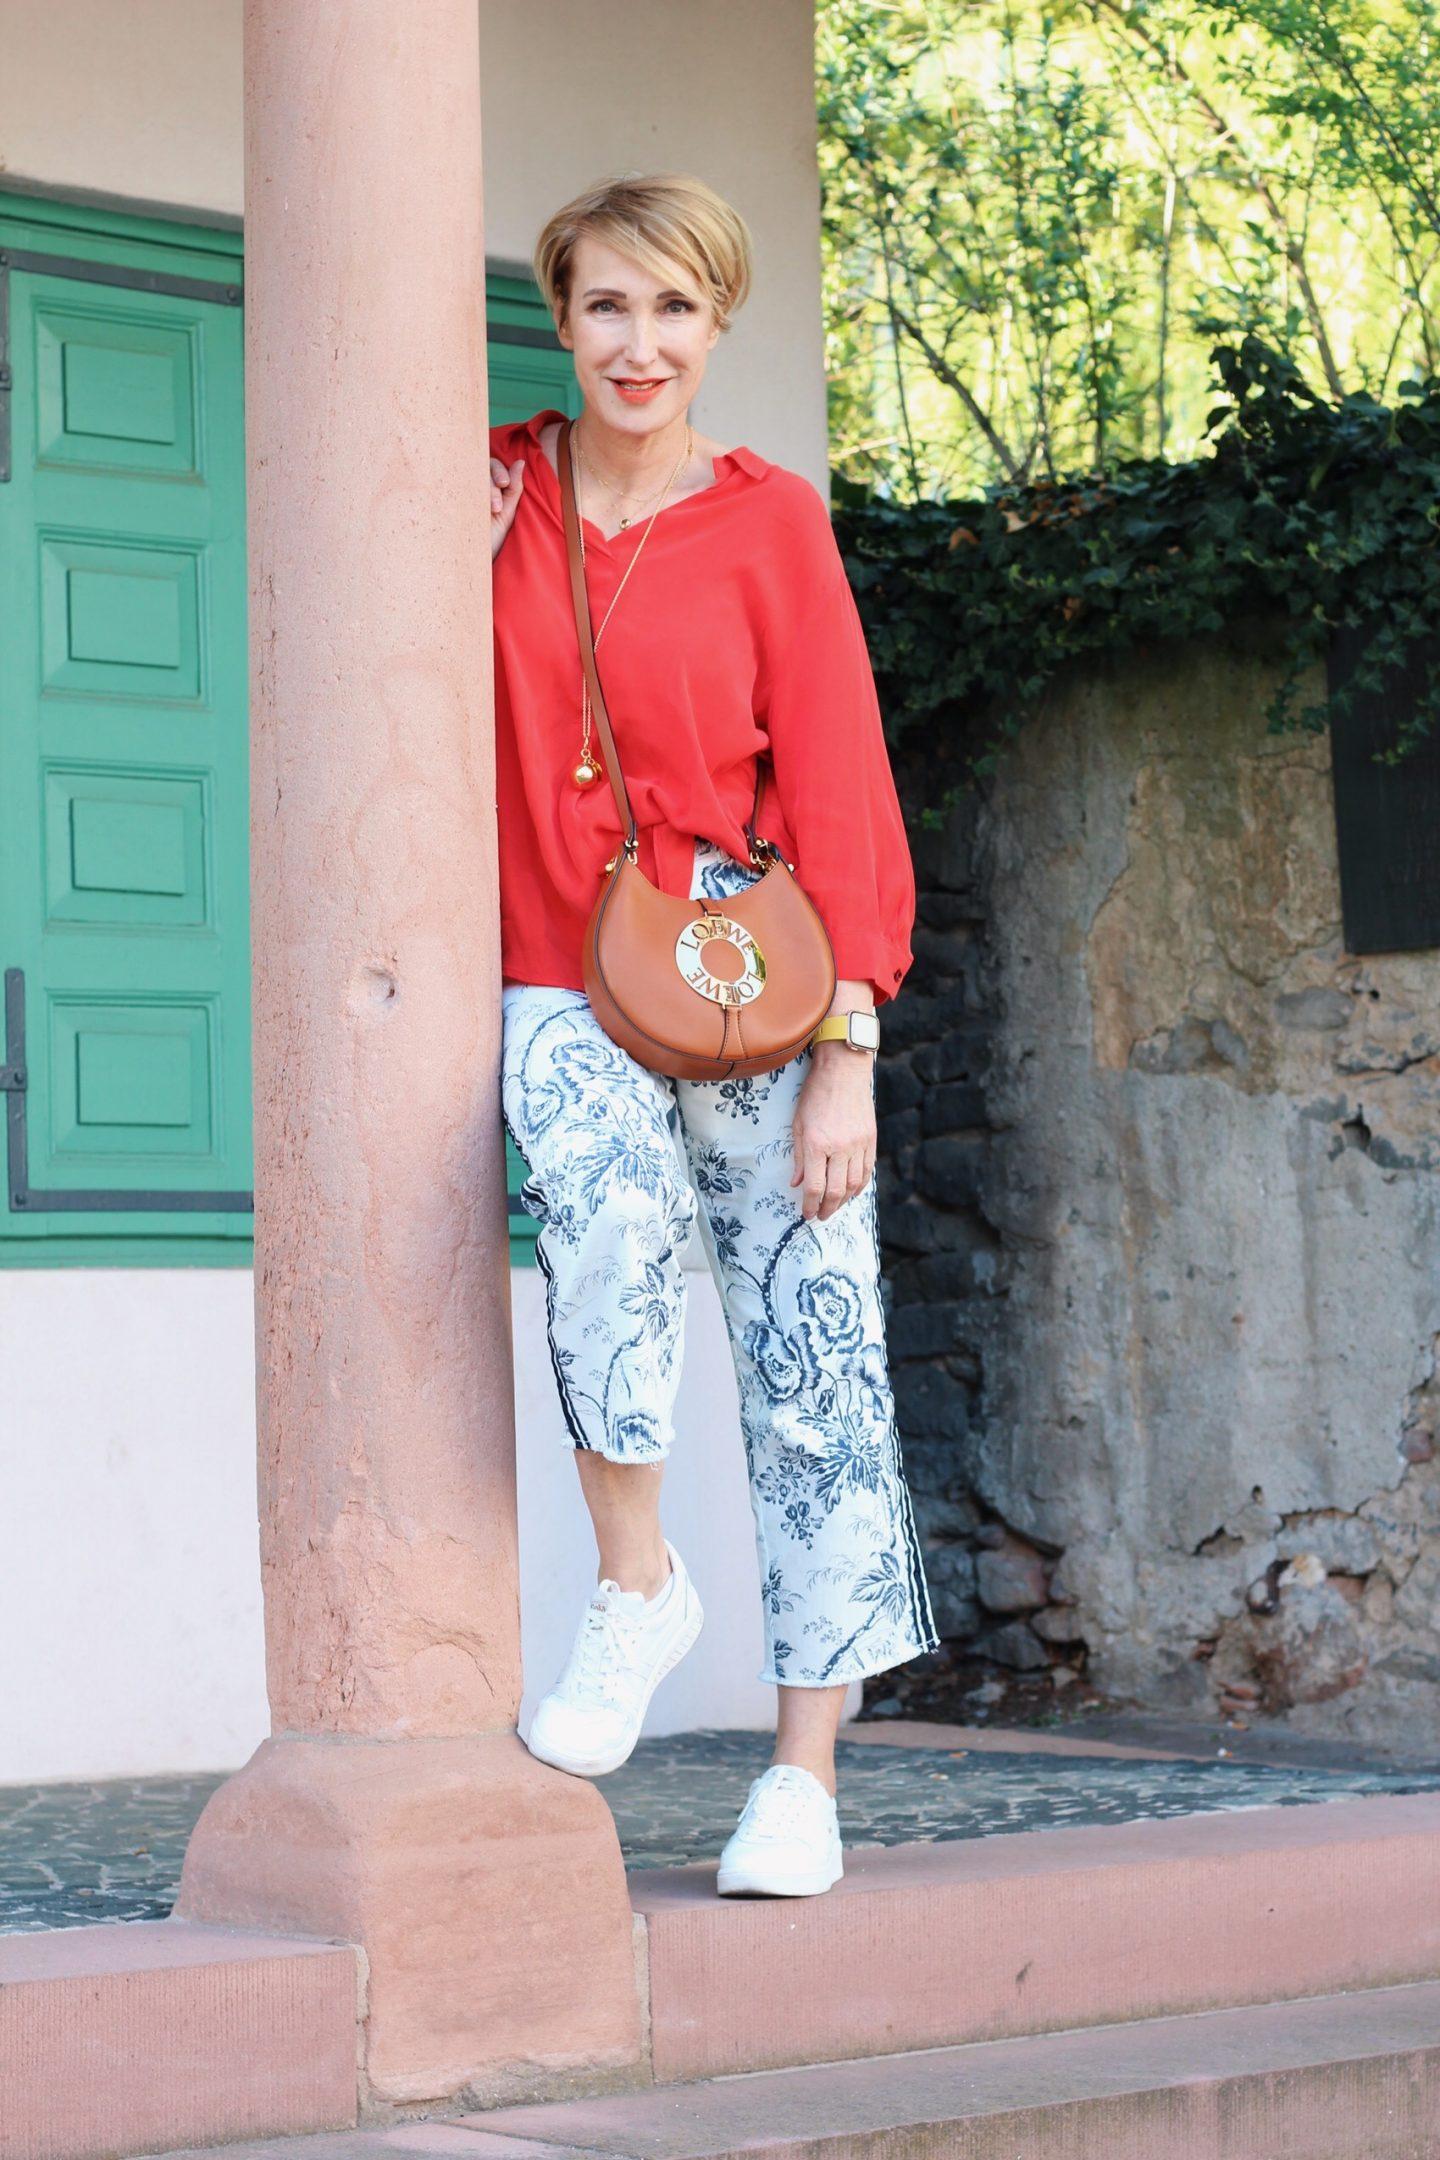 gut sitzende, passende Hosen von Toni-Fashion. Erfahrungen und Outfitinspirationen für den Frühling für Frauen Ü40 Ü50